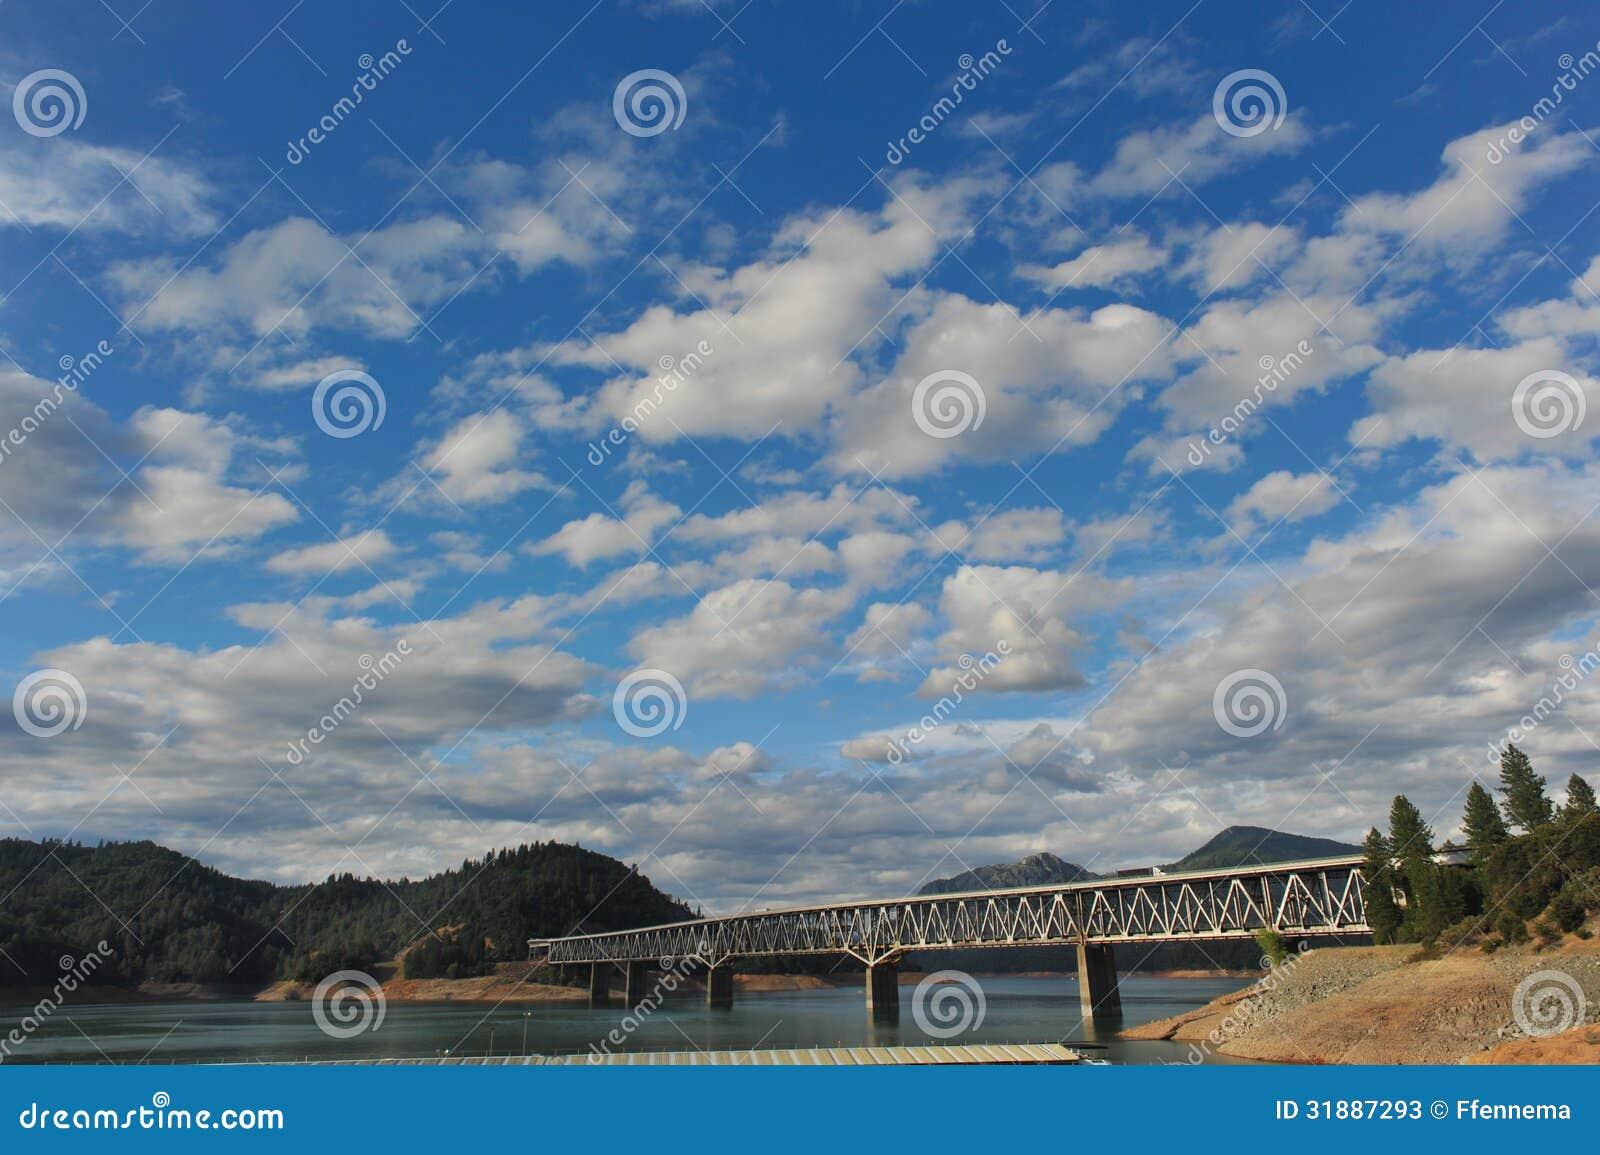 Puente sobre el lago Shasta debajo del cielo nublado